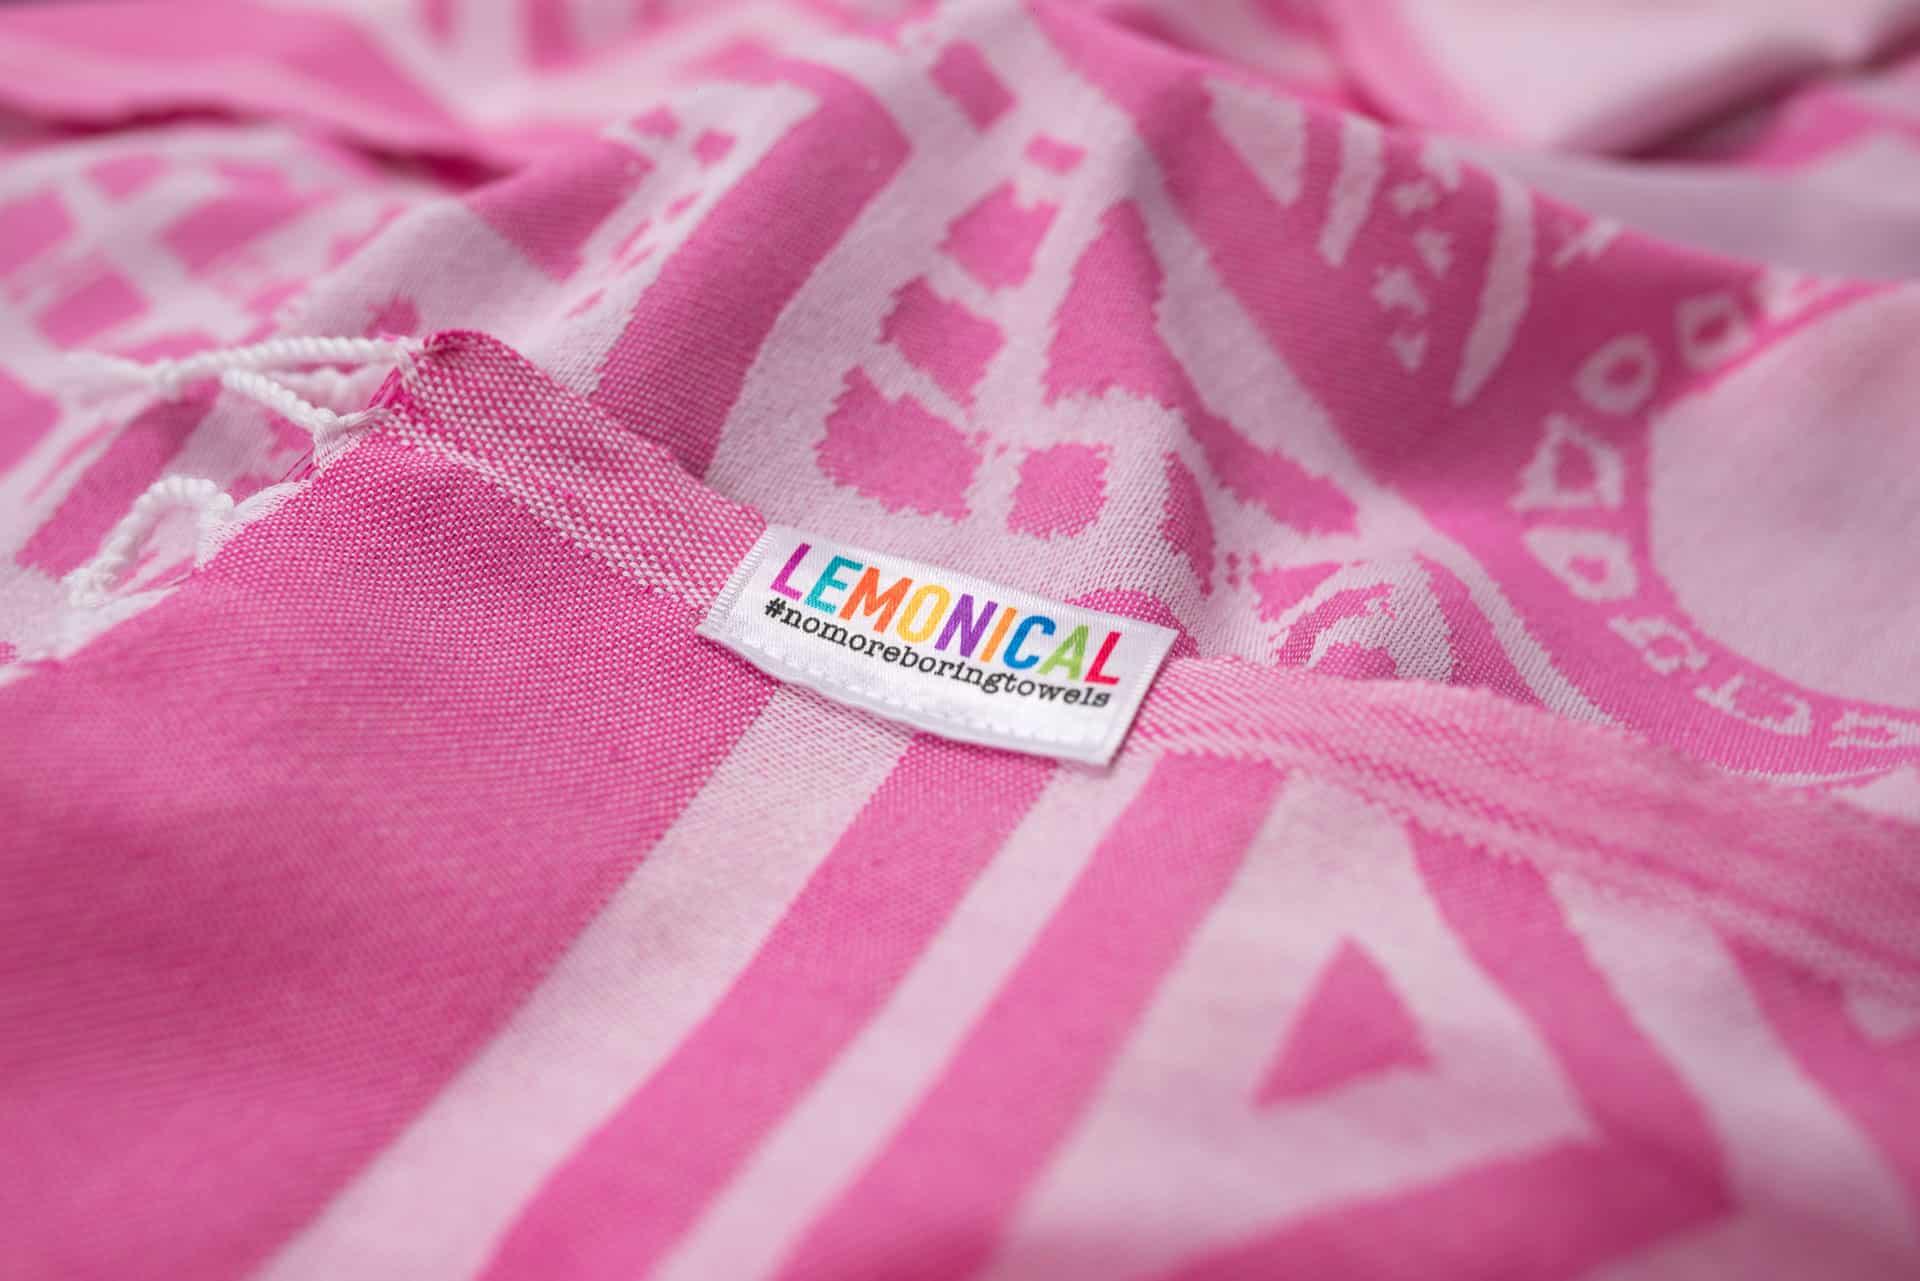 PINK ELEPHANT-Towel-Lemonical-3